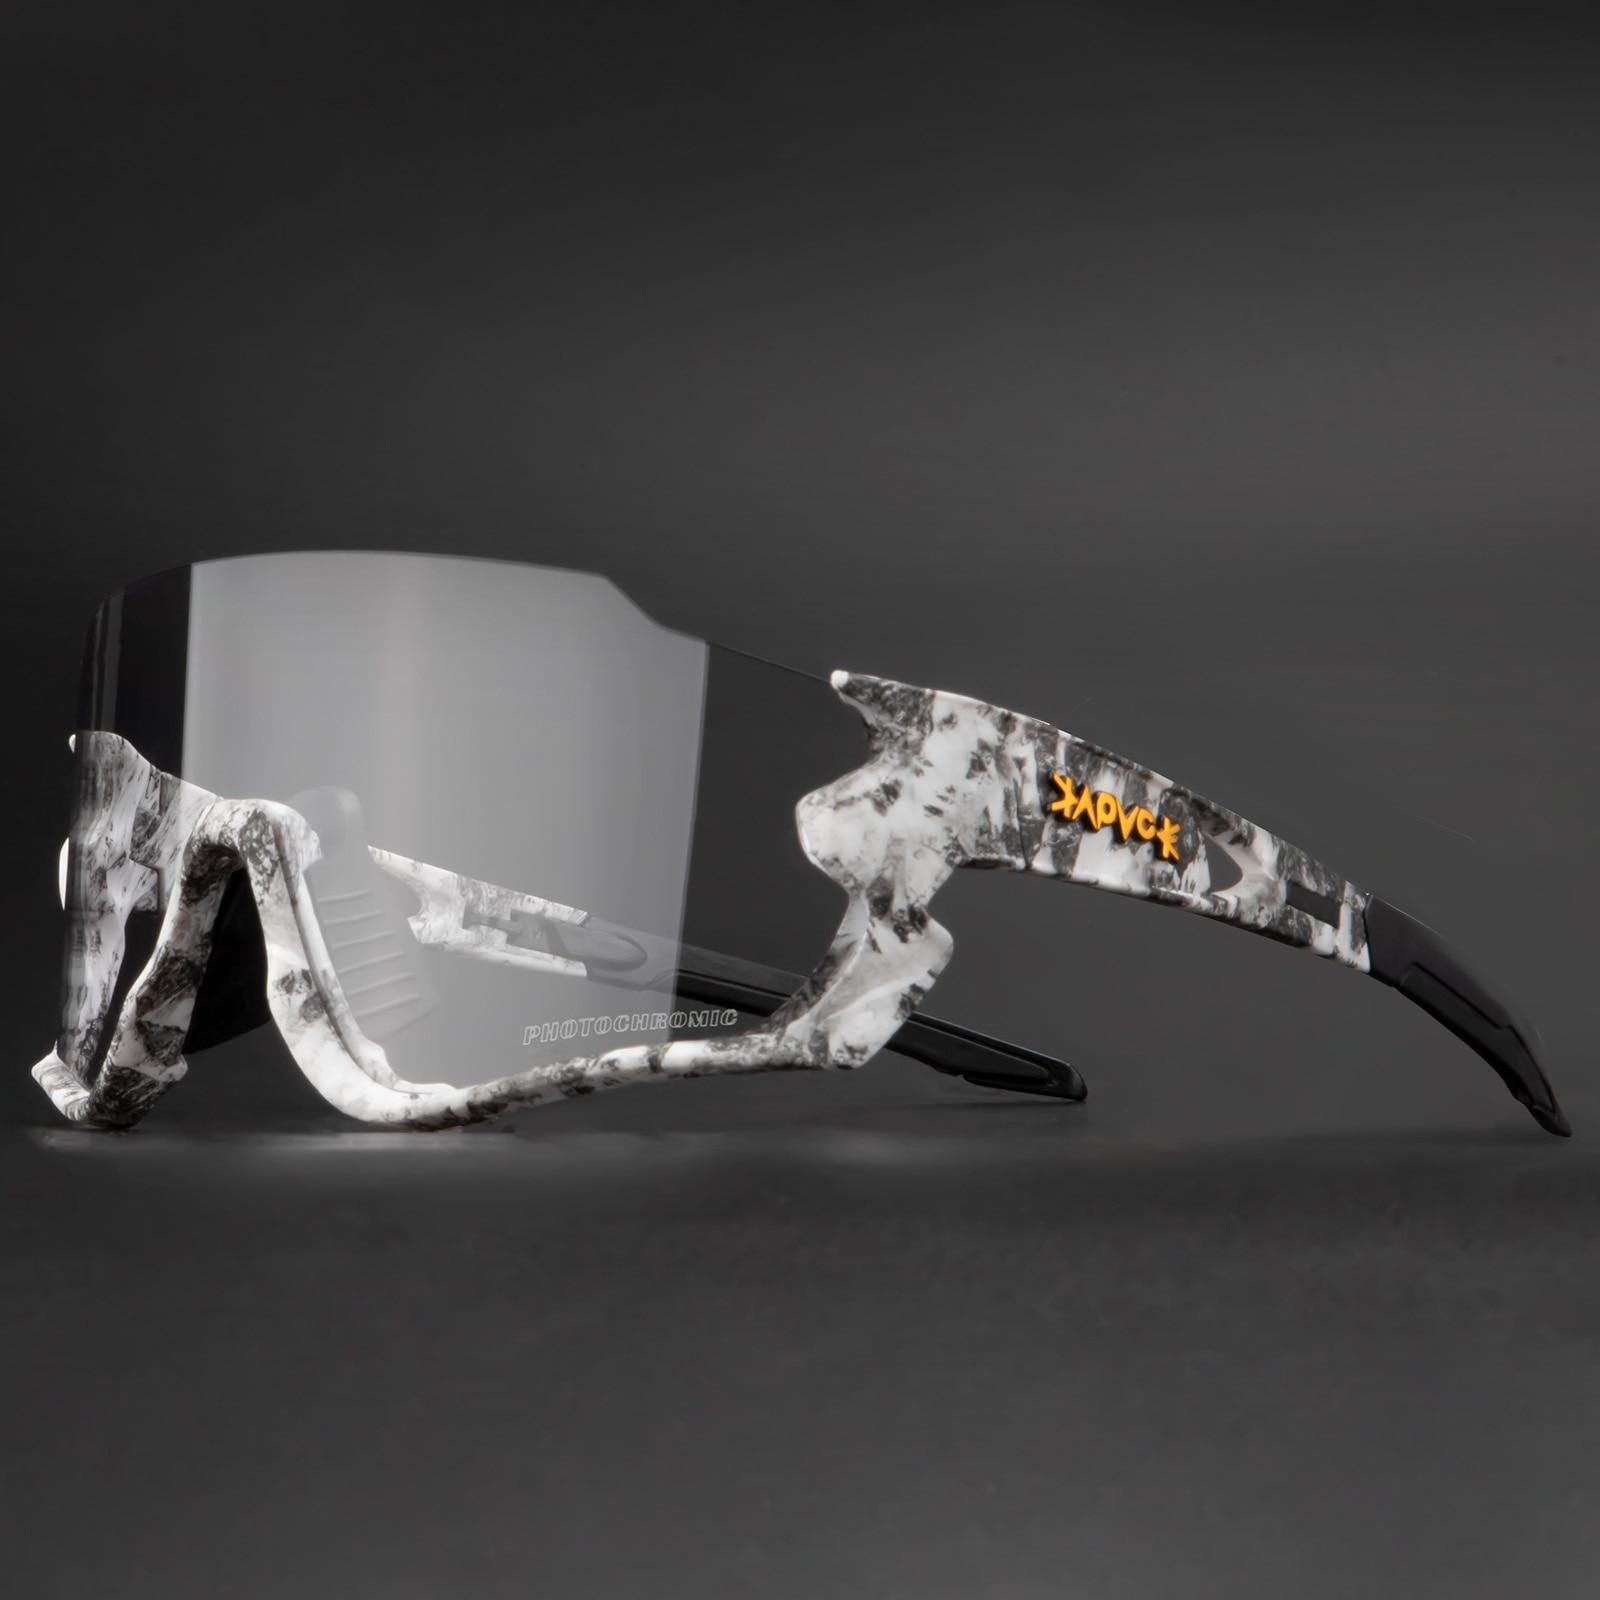 Новинка 2021, фотохромные очки Kapove с защитой UV400, зимние спортивные очки для сноуборда для взрослых, лыжные зимние спортивные очки, очки для сн...